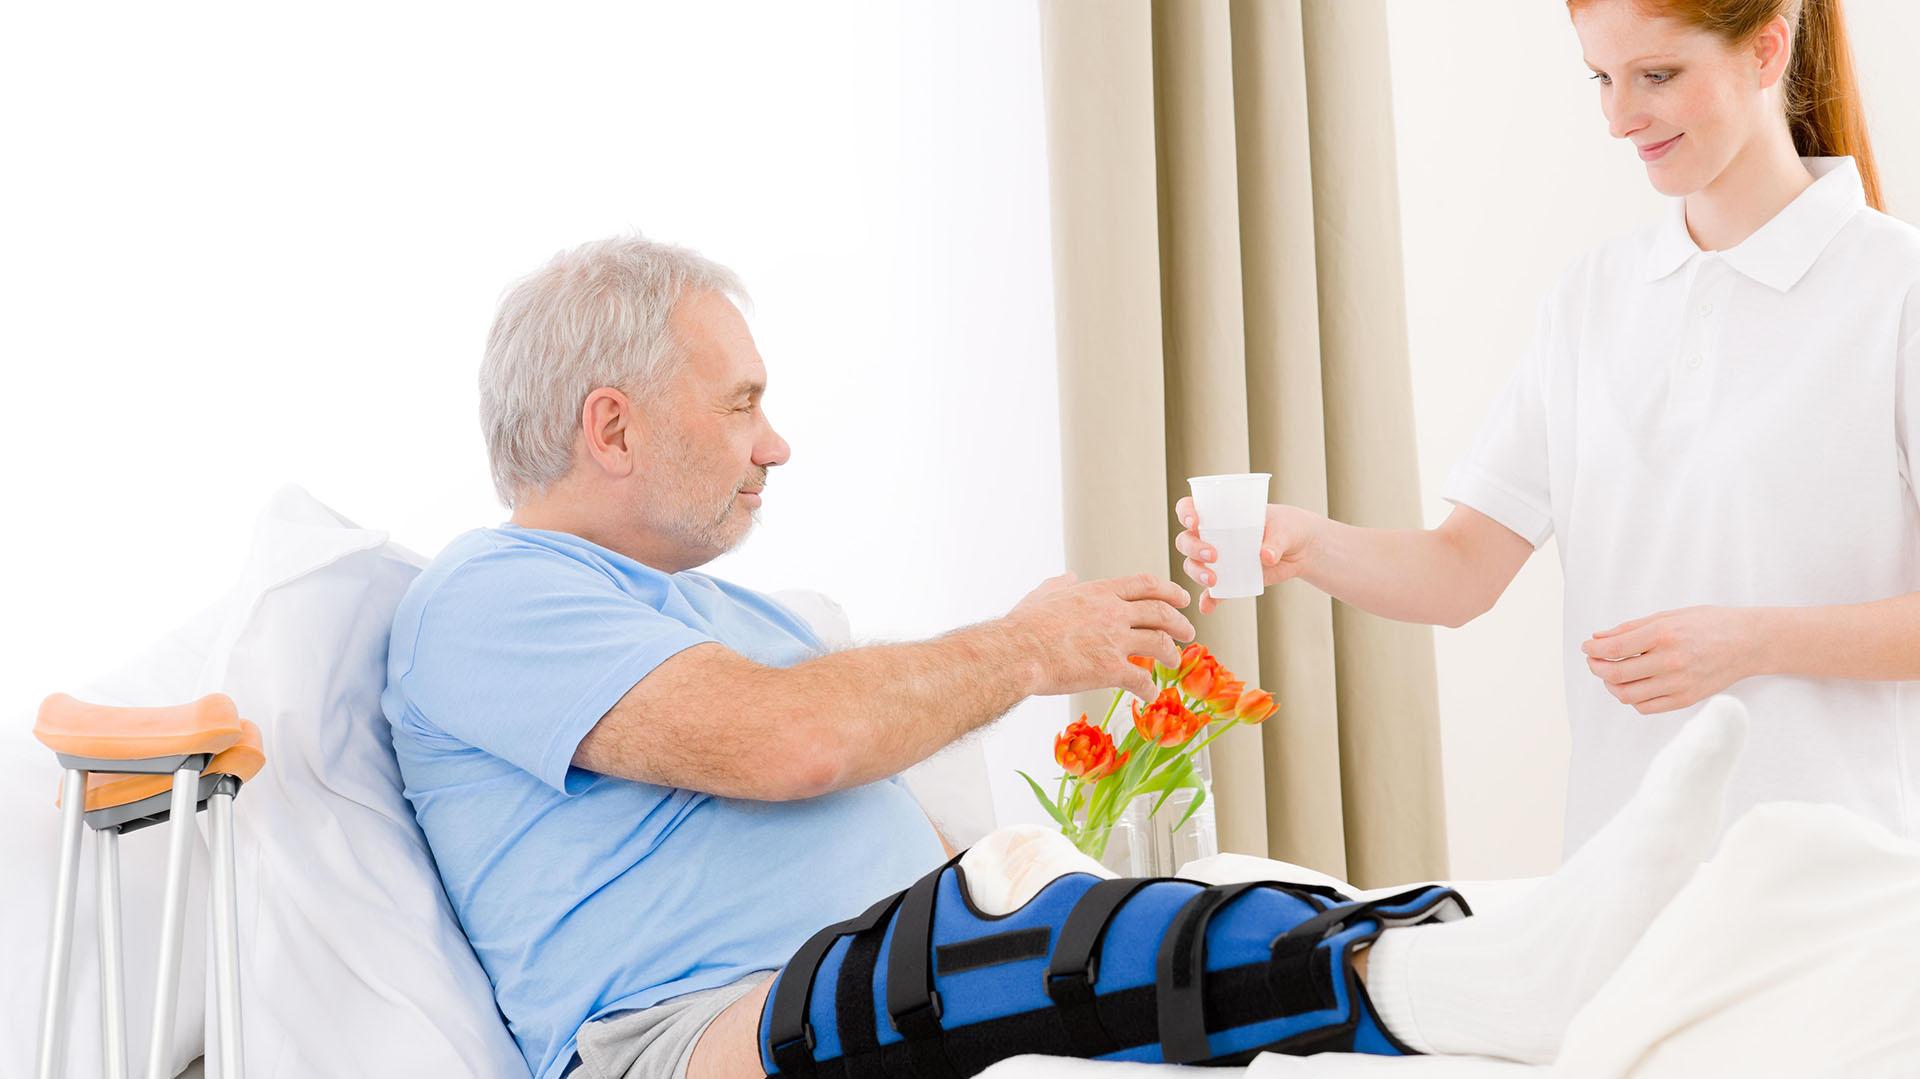 En muchos casos, los pacientes eran recetados aparatos innecesarios (Grosby)